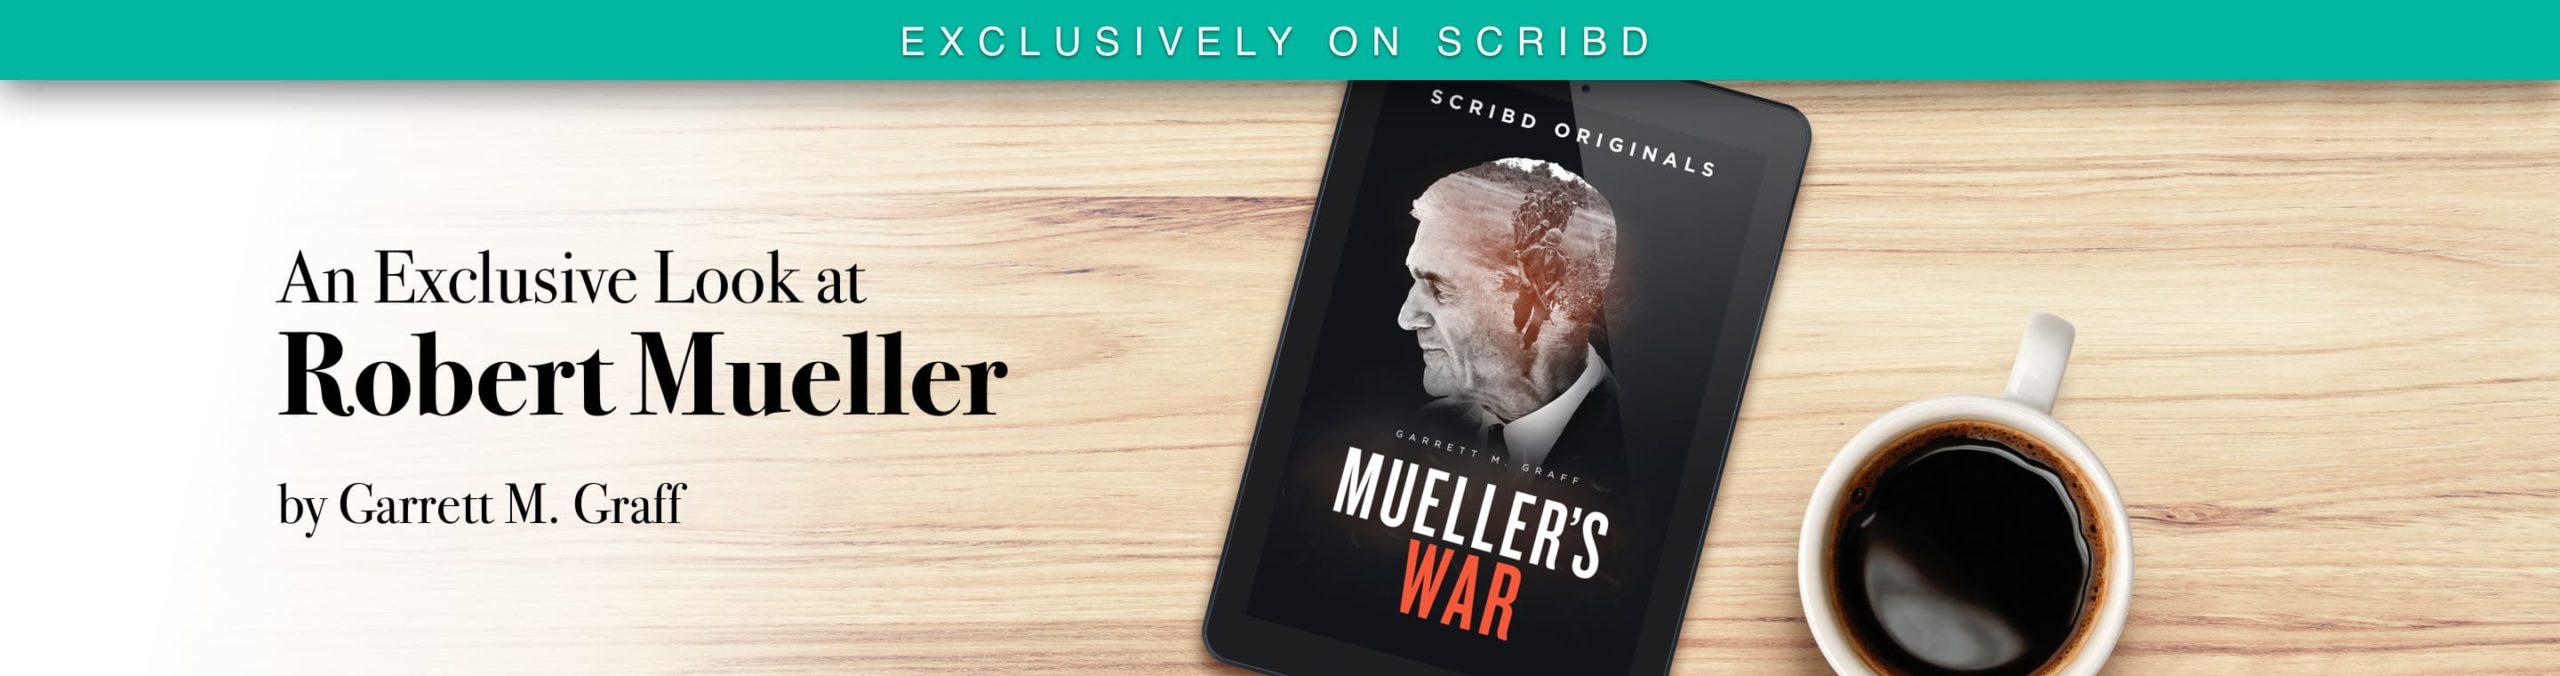 Our First Scribd Original: Mueller's War